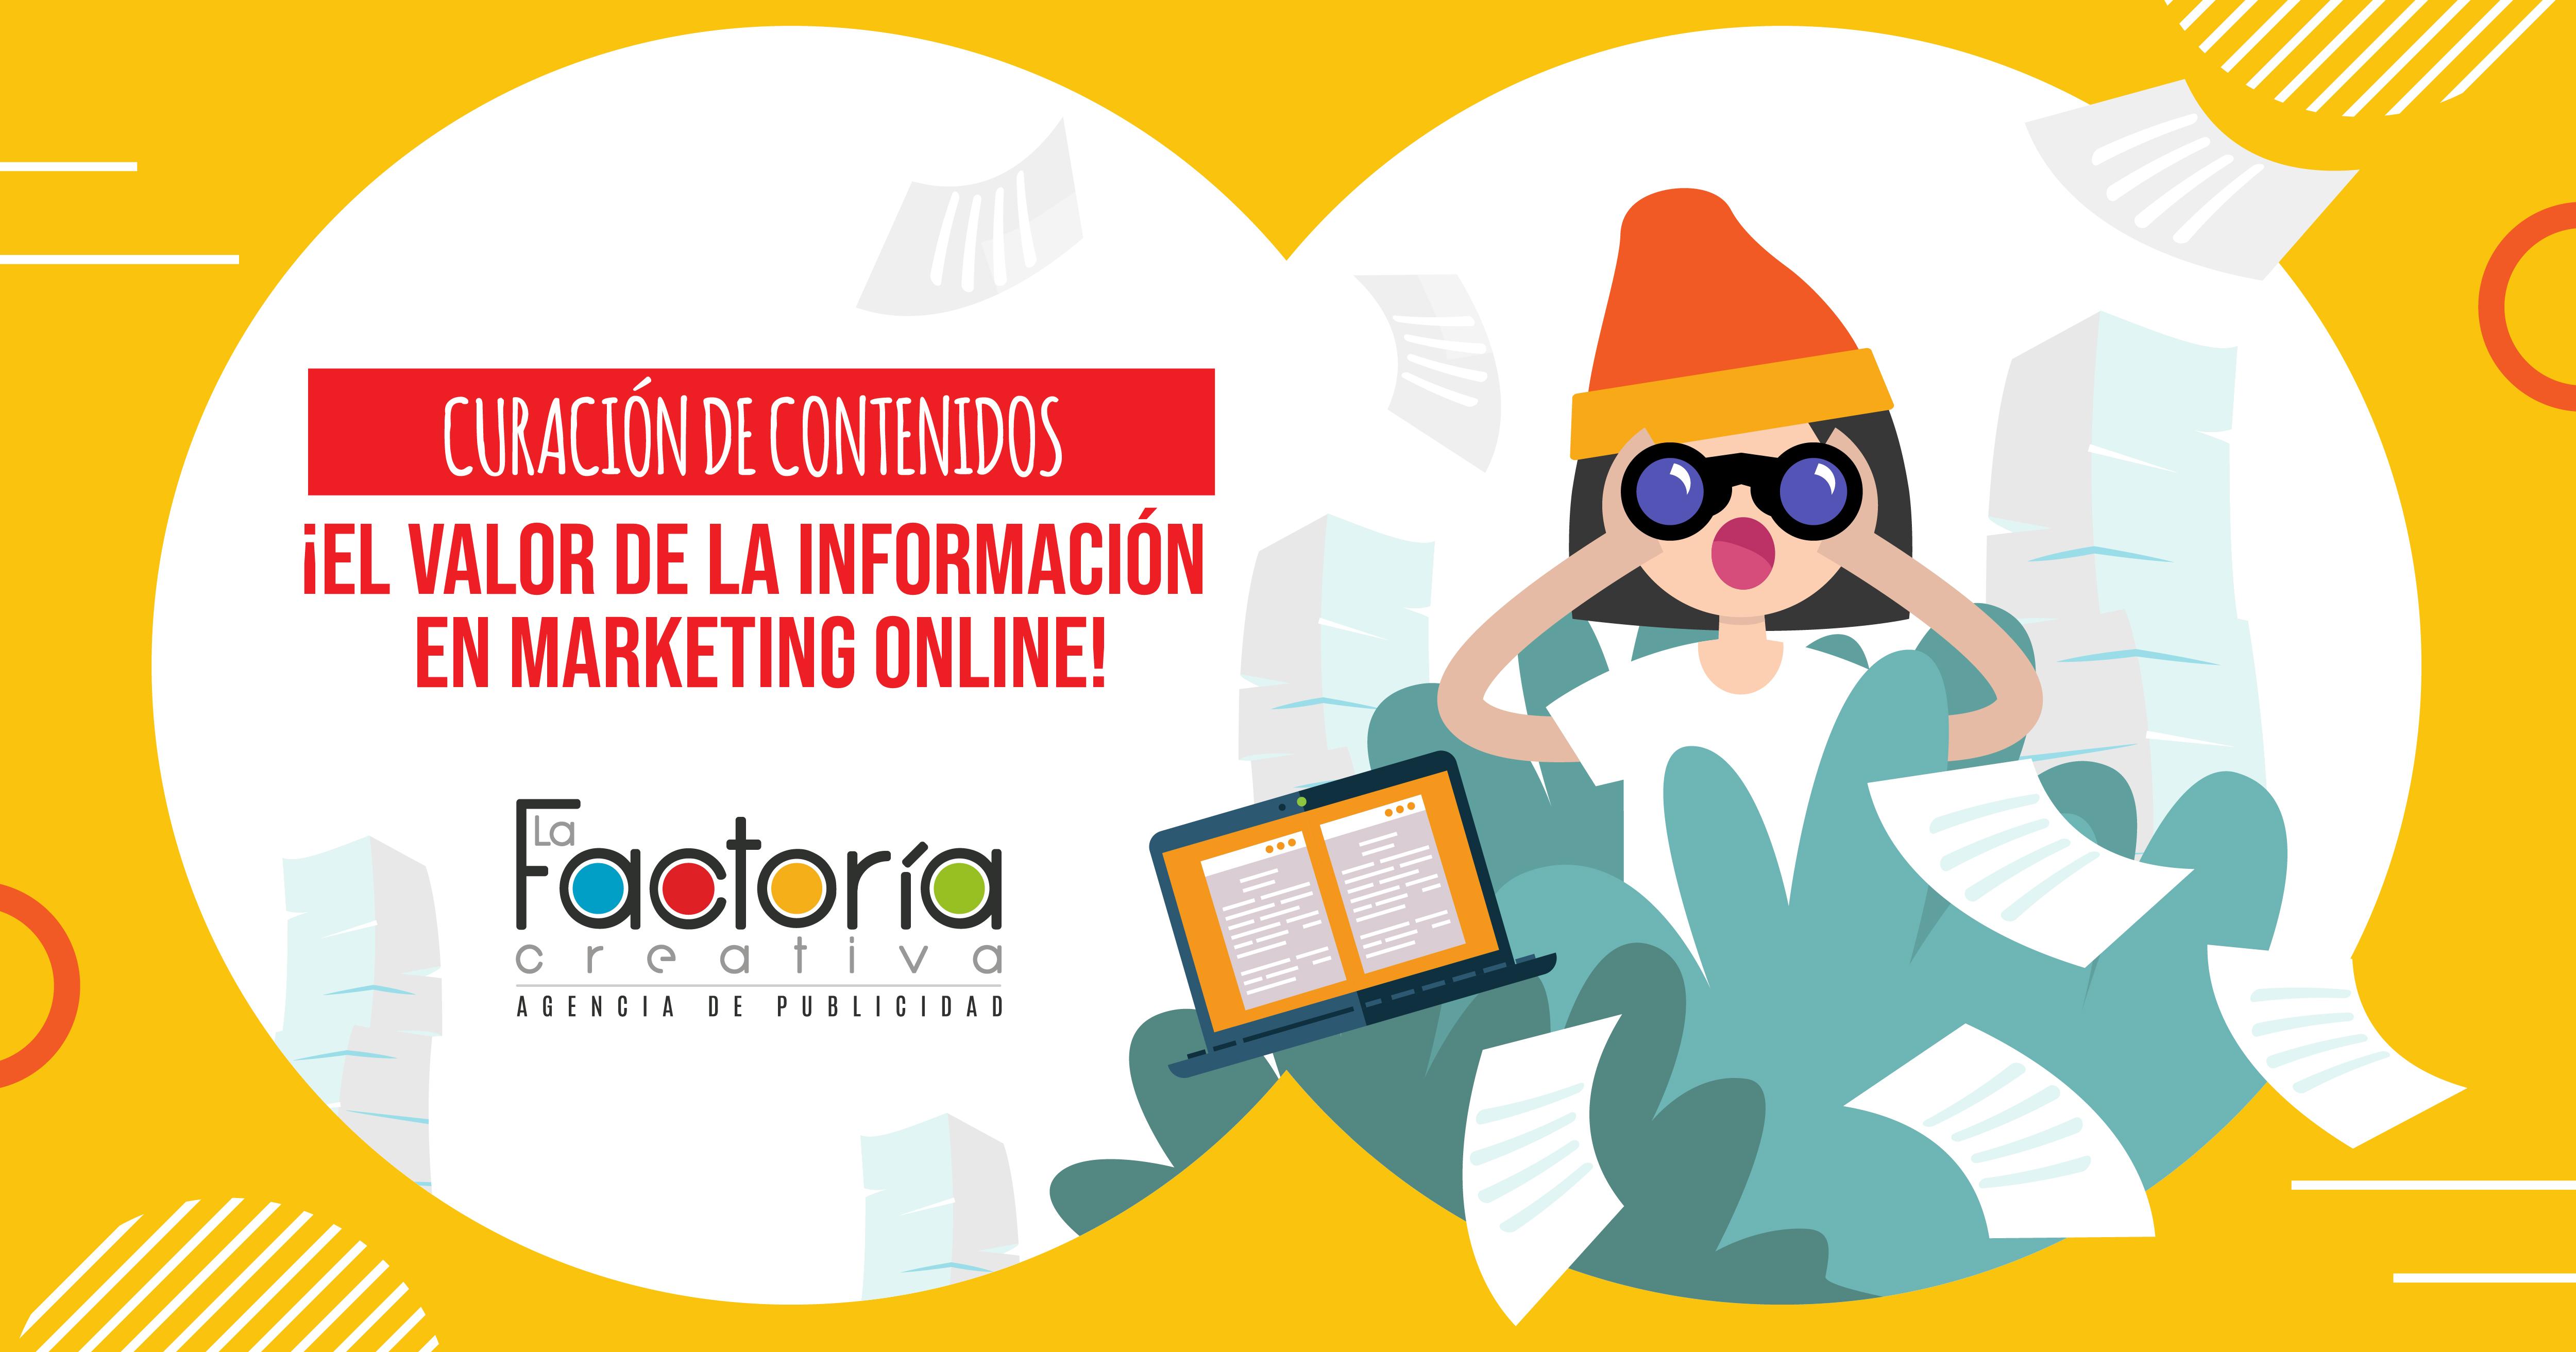 Curación de contenidos en marketing digital